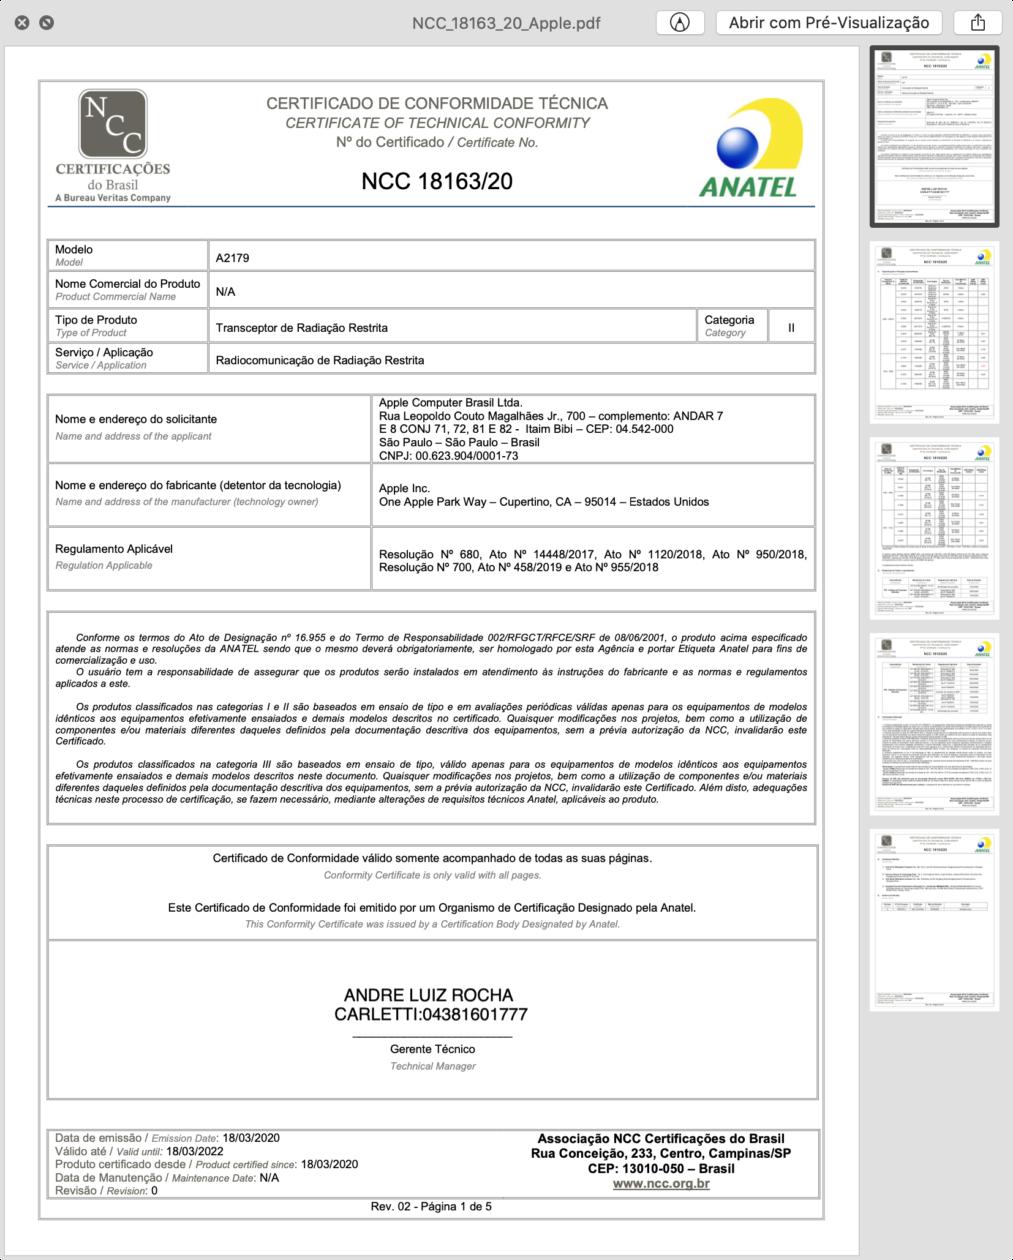 Certificado de conformidade técnica do MacBook Air